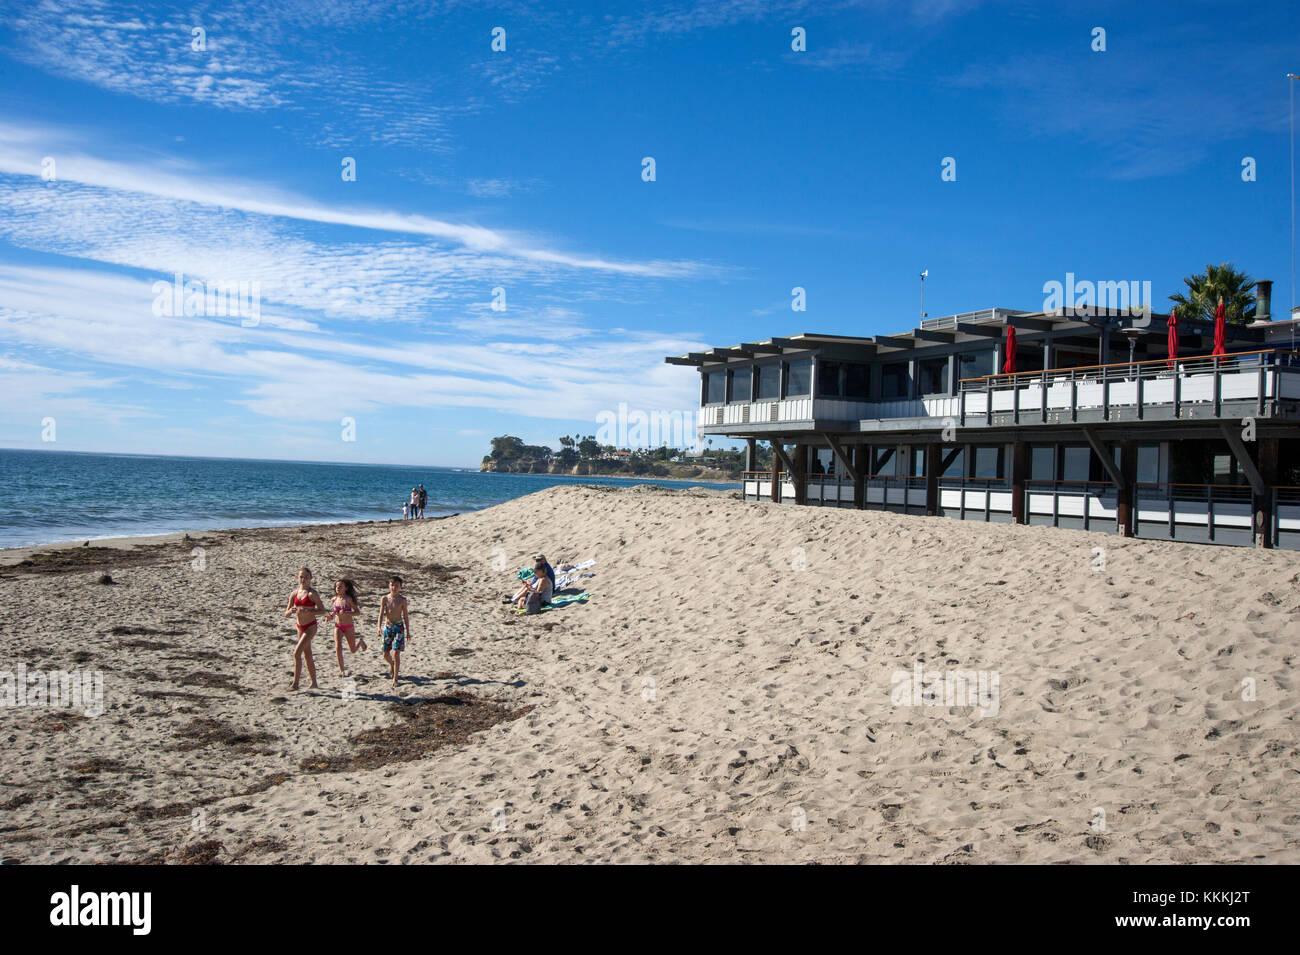 Santa Barbara Harbor Yacht Club